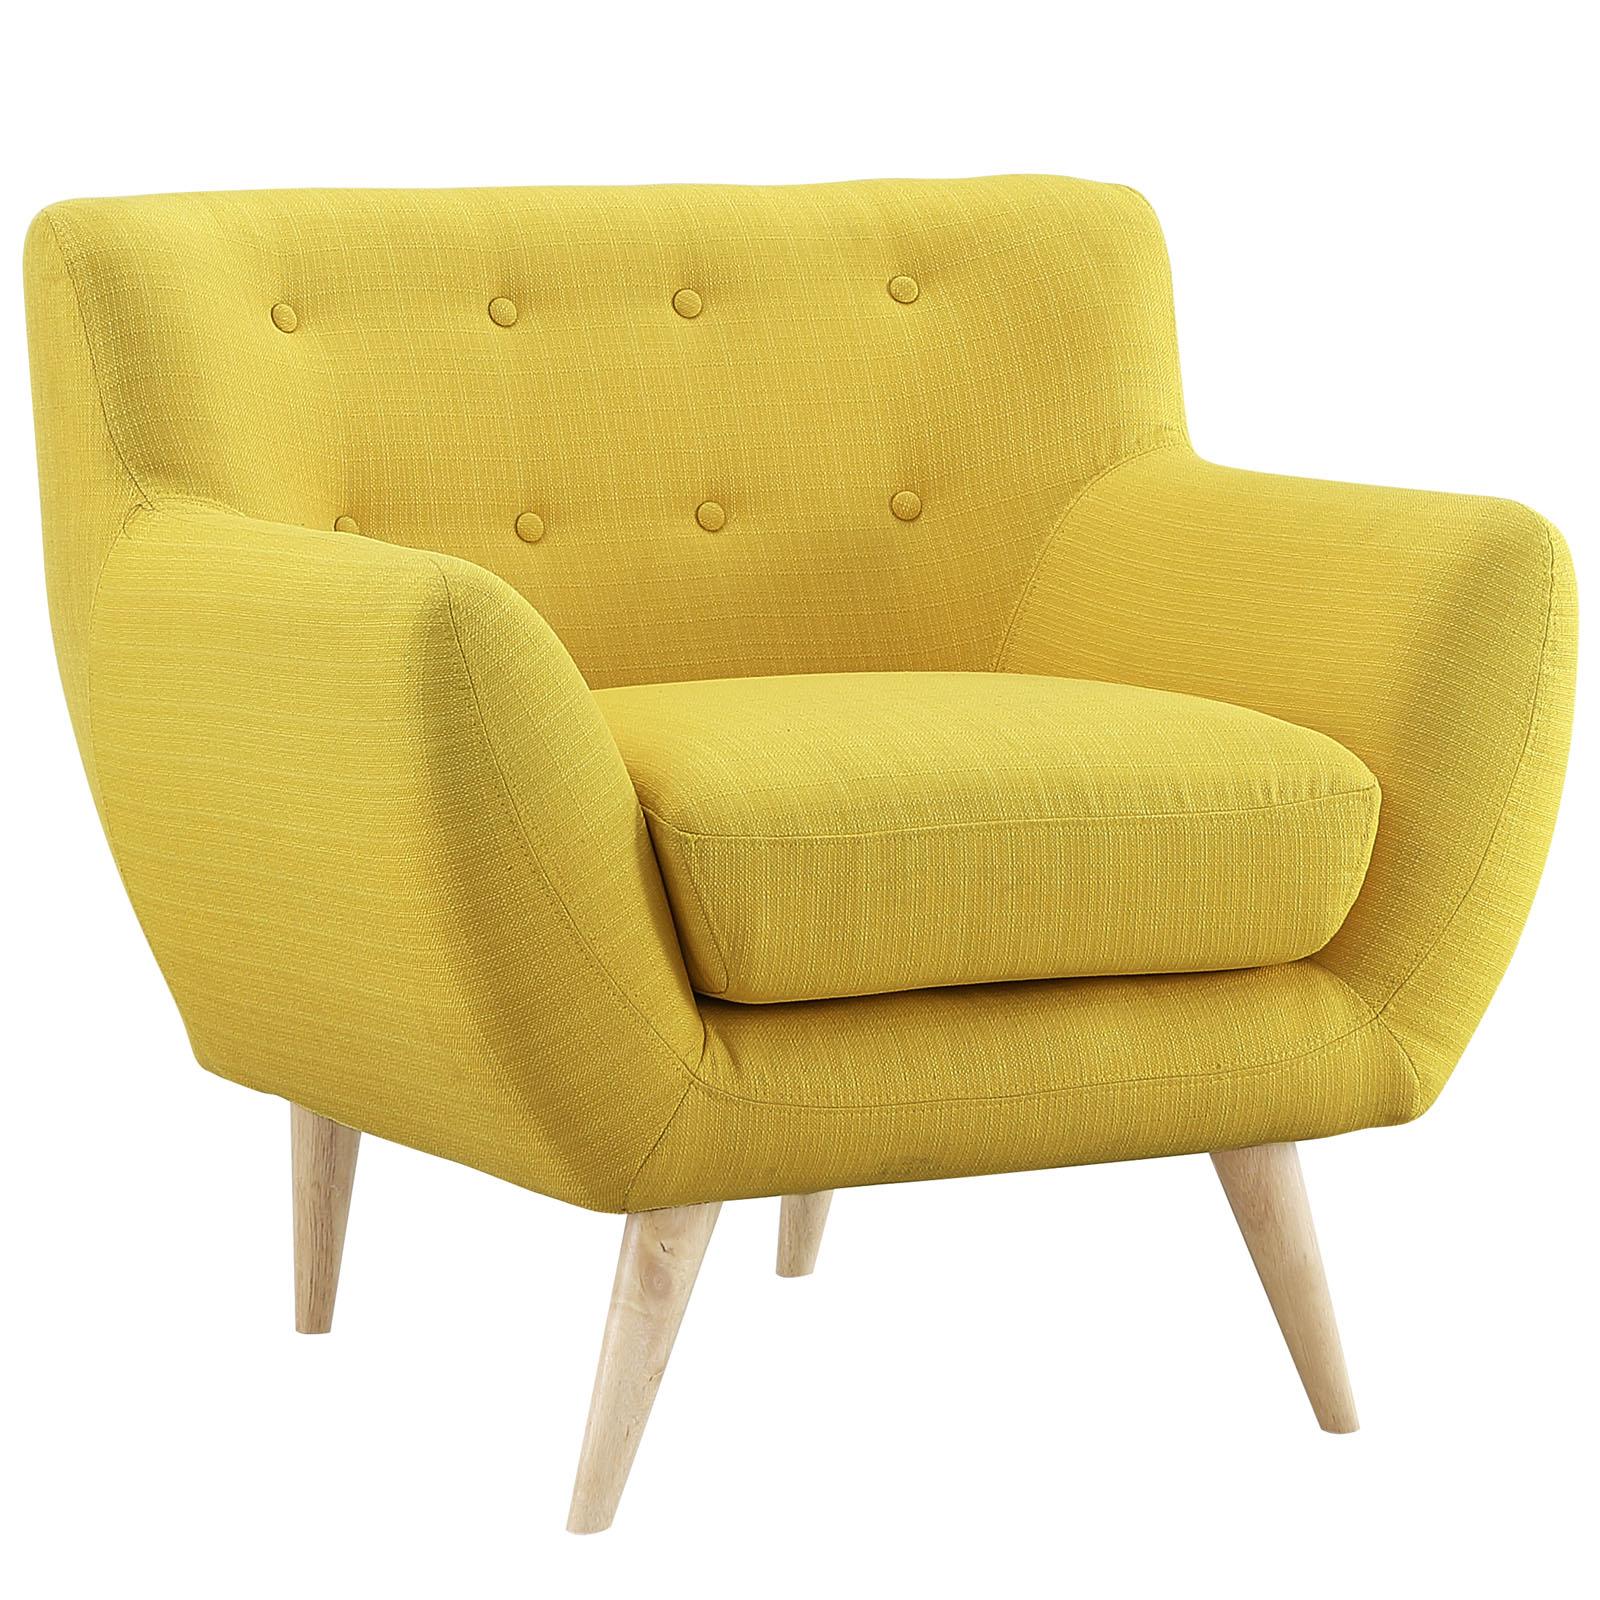 dane lounge chair rentals event furniture rental. Black Bedroom Furniture Sets. Home Design Ideas